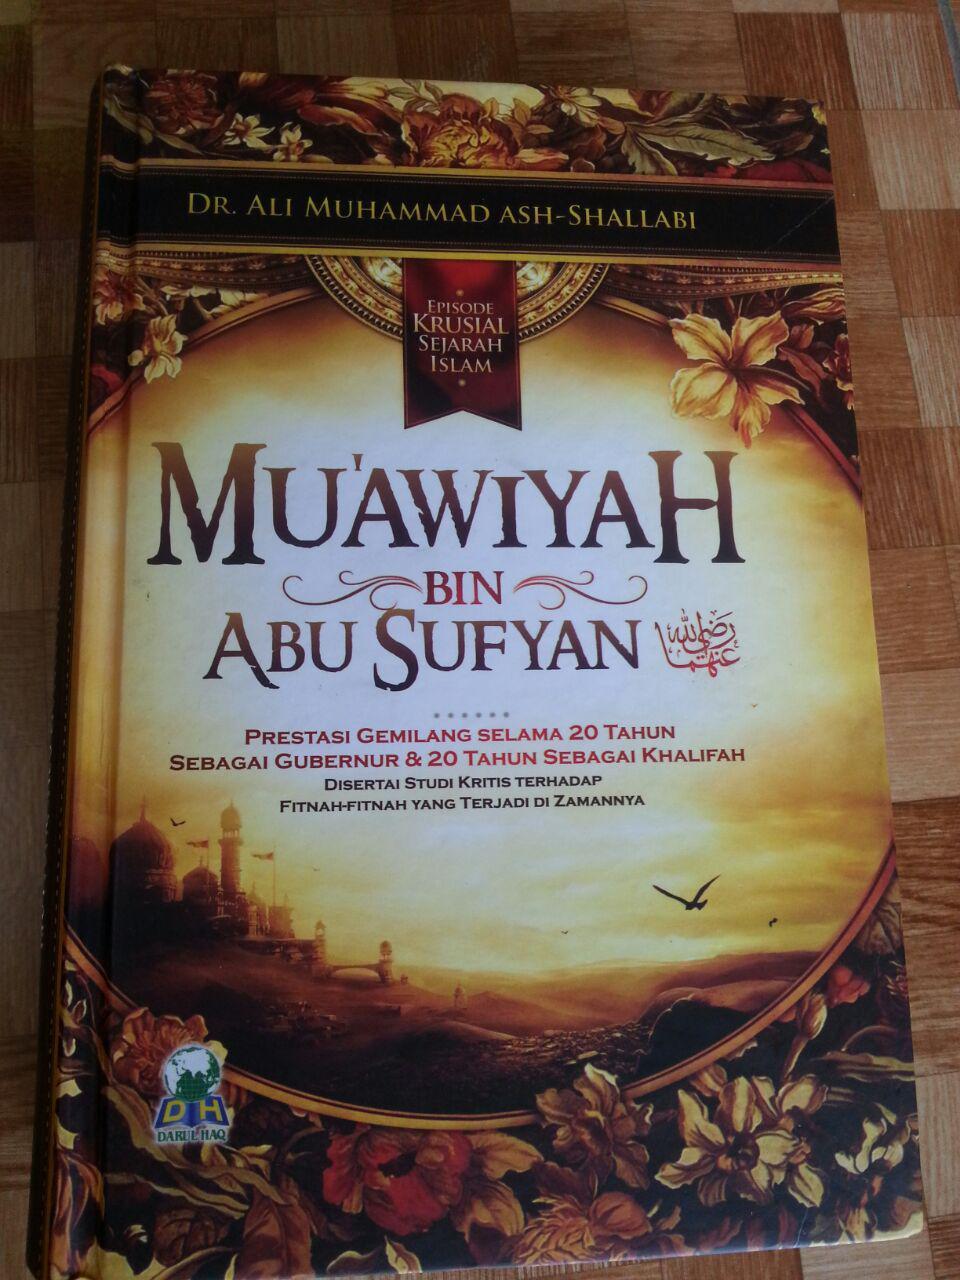 Buku Muawiyah Bin Abu Sufyan cover 2